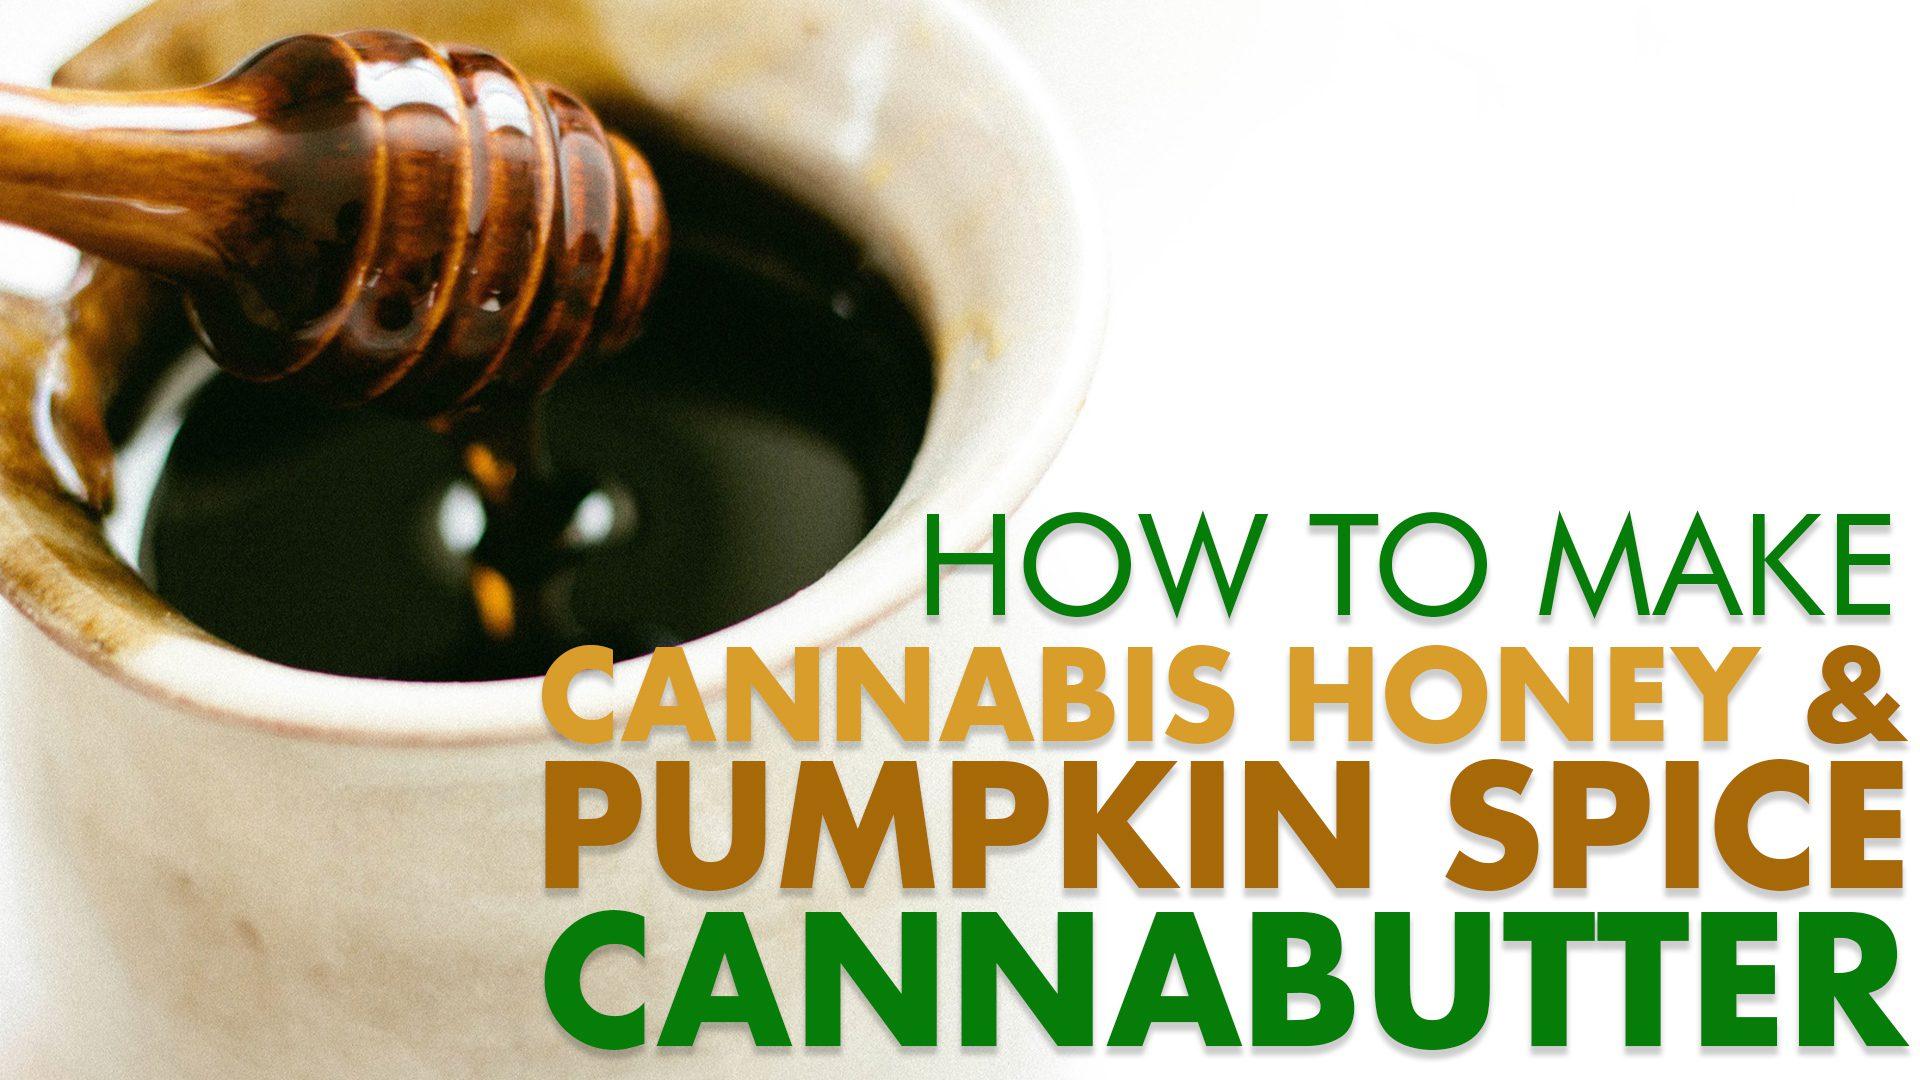 Pumpkin Spice Cannabis